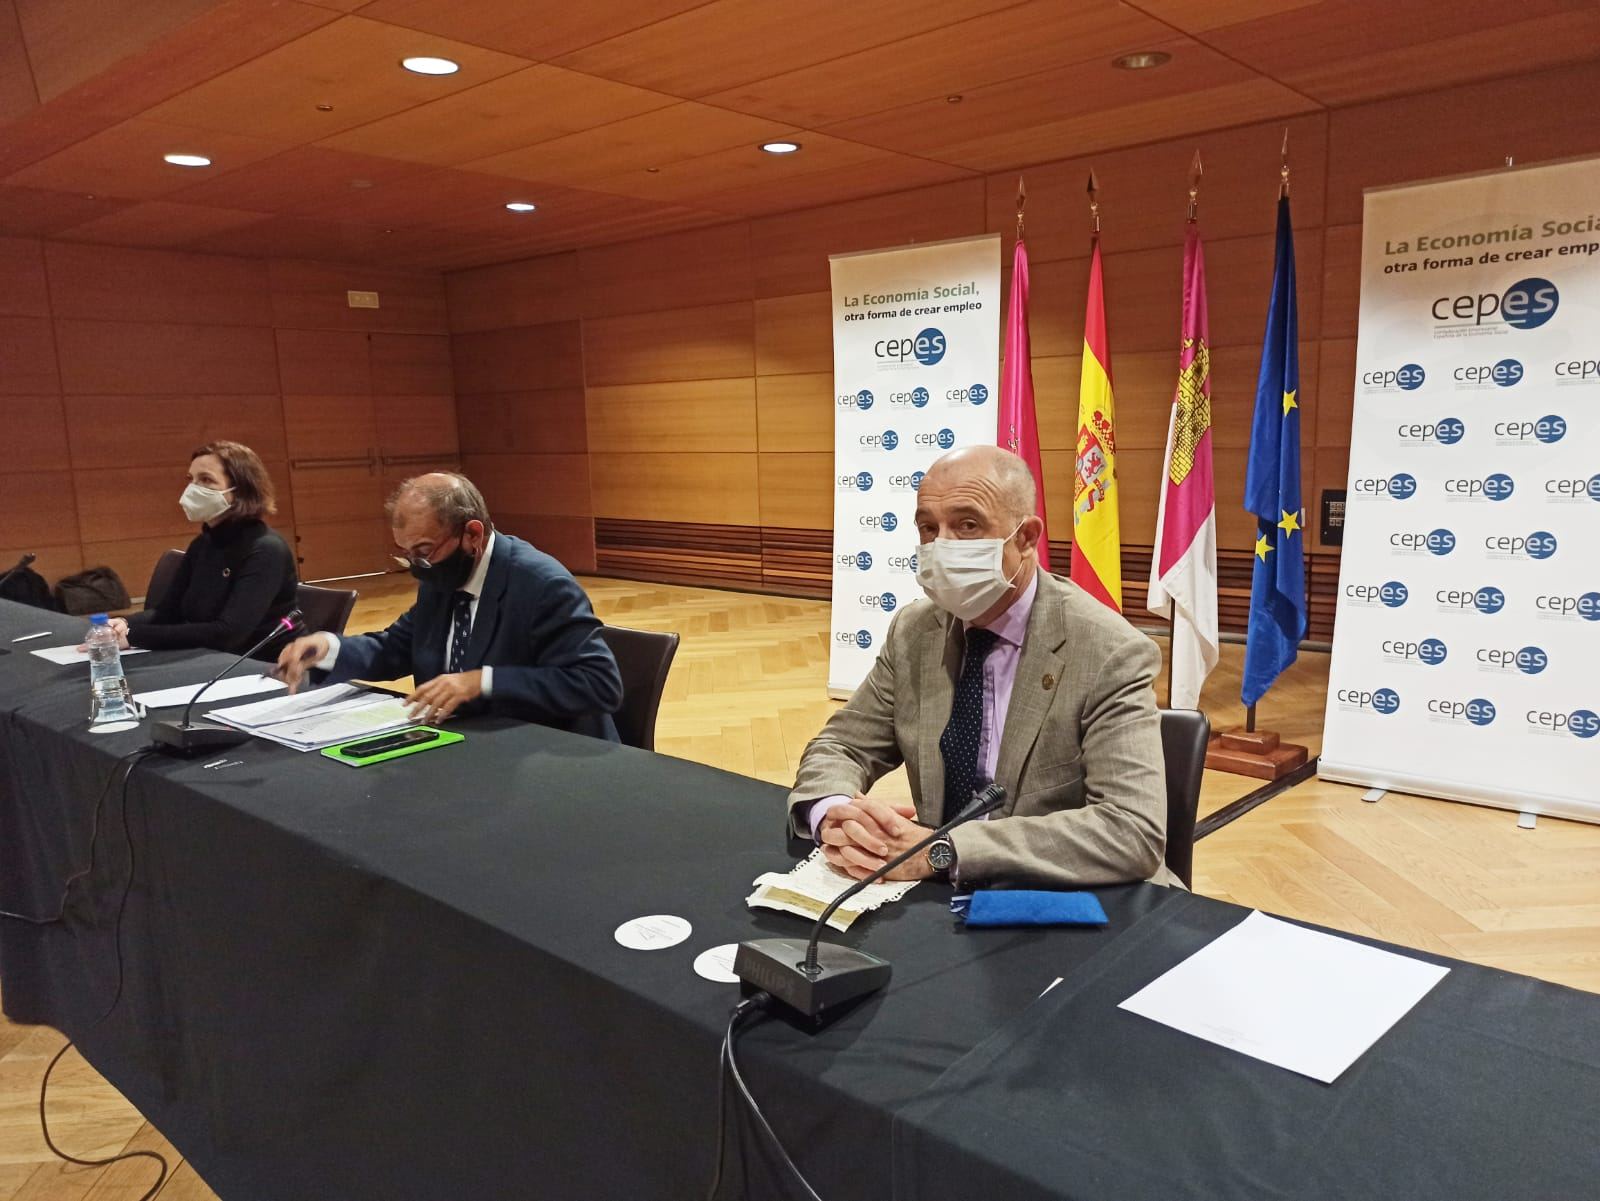 Toledo acoge como capital europea de la Economía Social el encuentro de la confederación empresarial española del sector